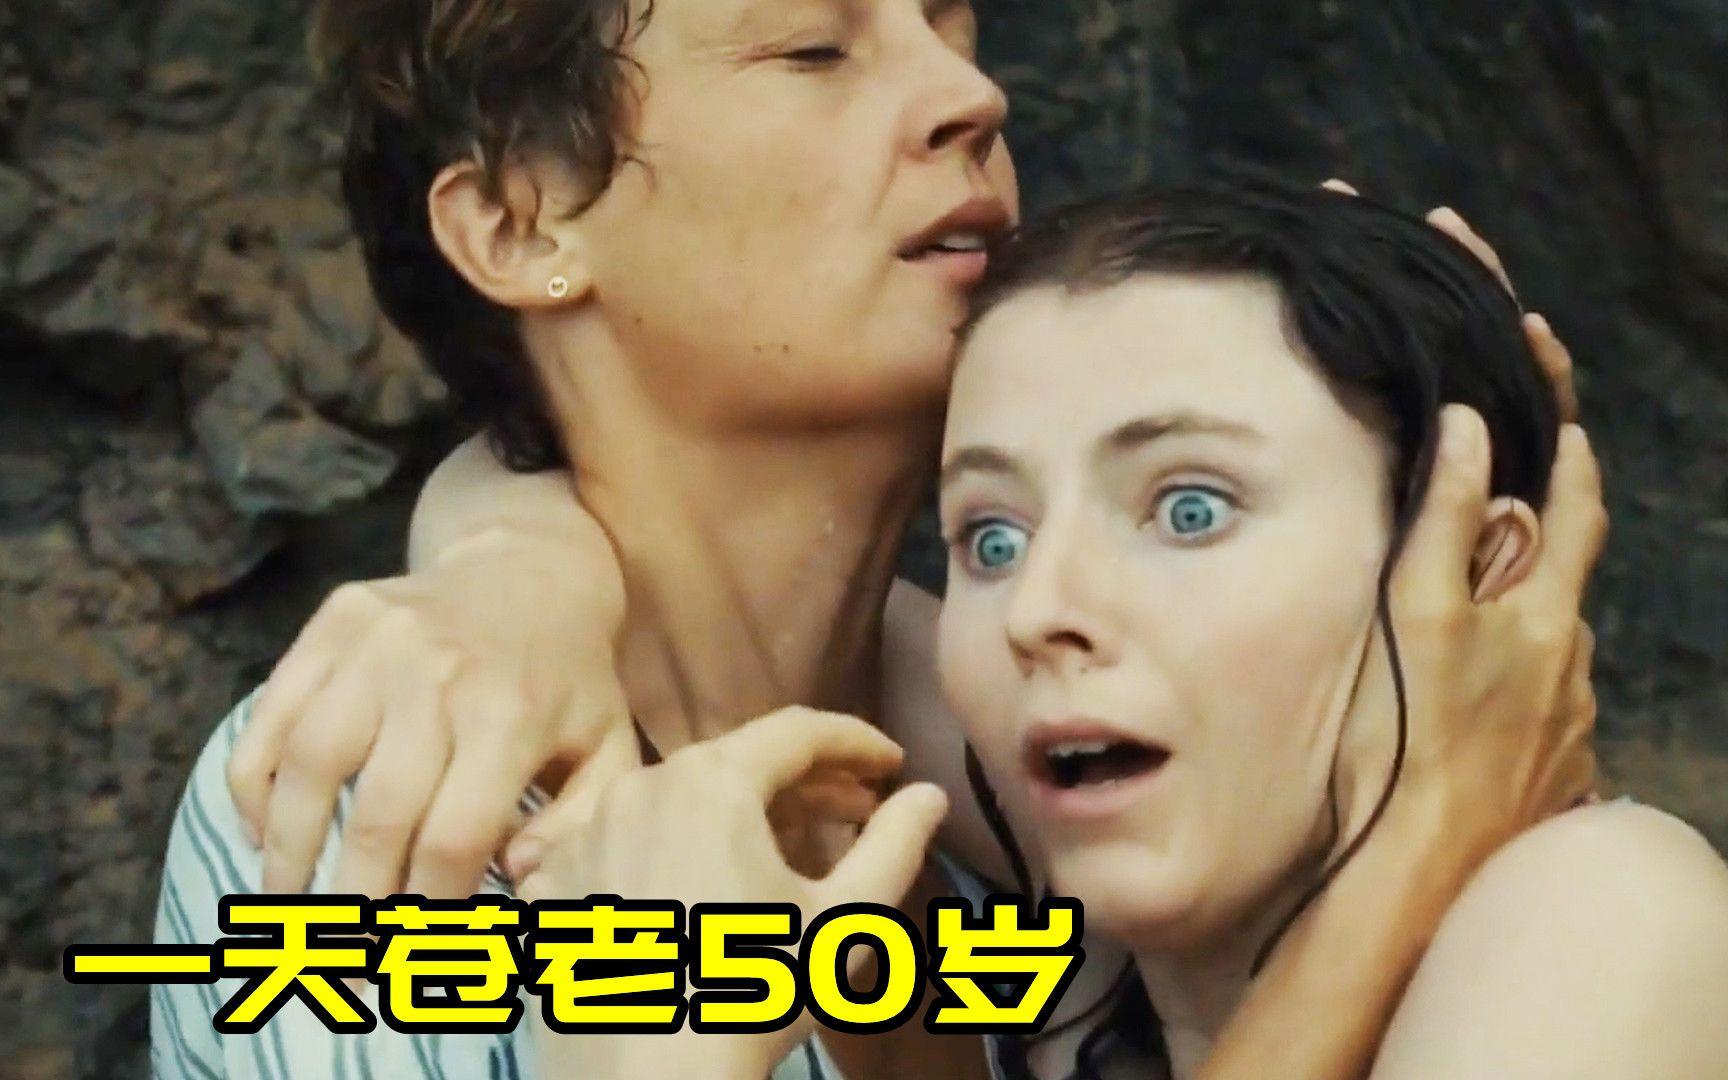 2021最新恐怖片《老去》神秘沙滩吞噬寿命,过一天相当于过了50年